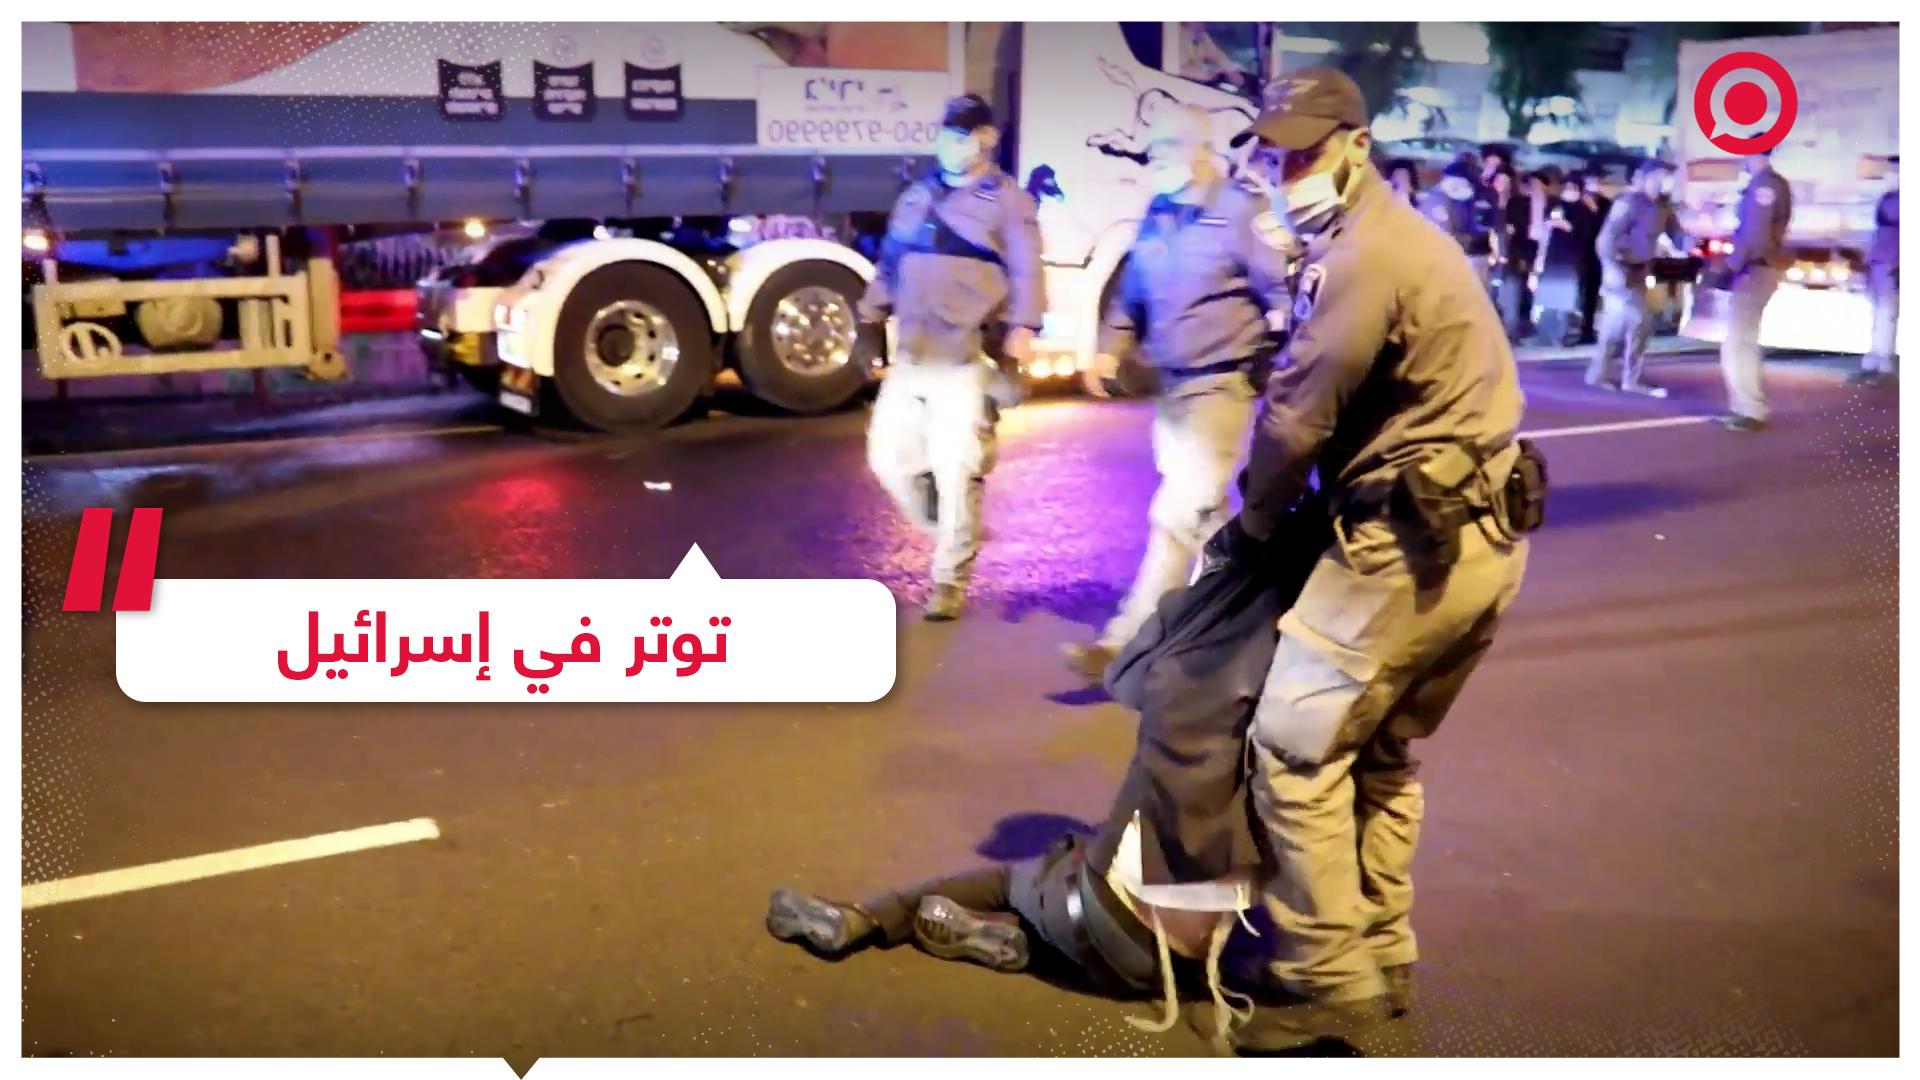 اشتباكات بين الشرطة الإسرائيلية ويهود الحريديم